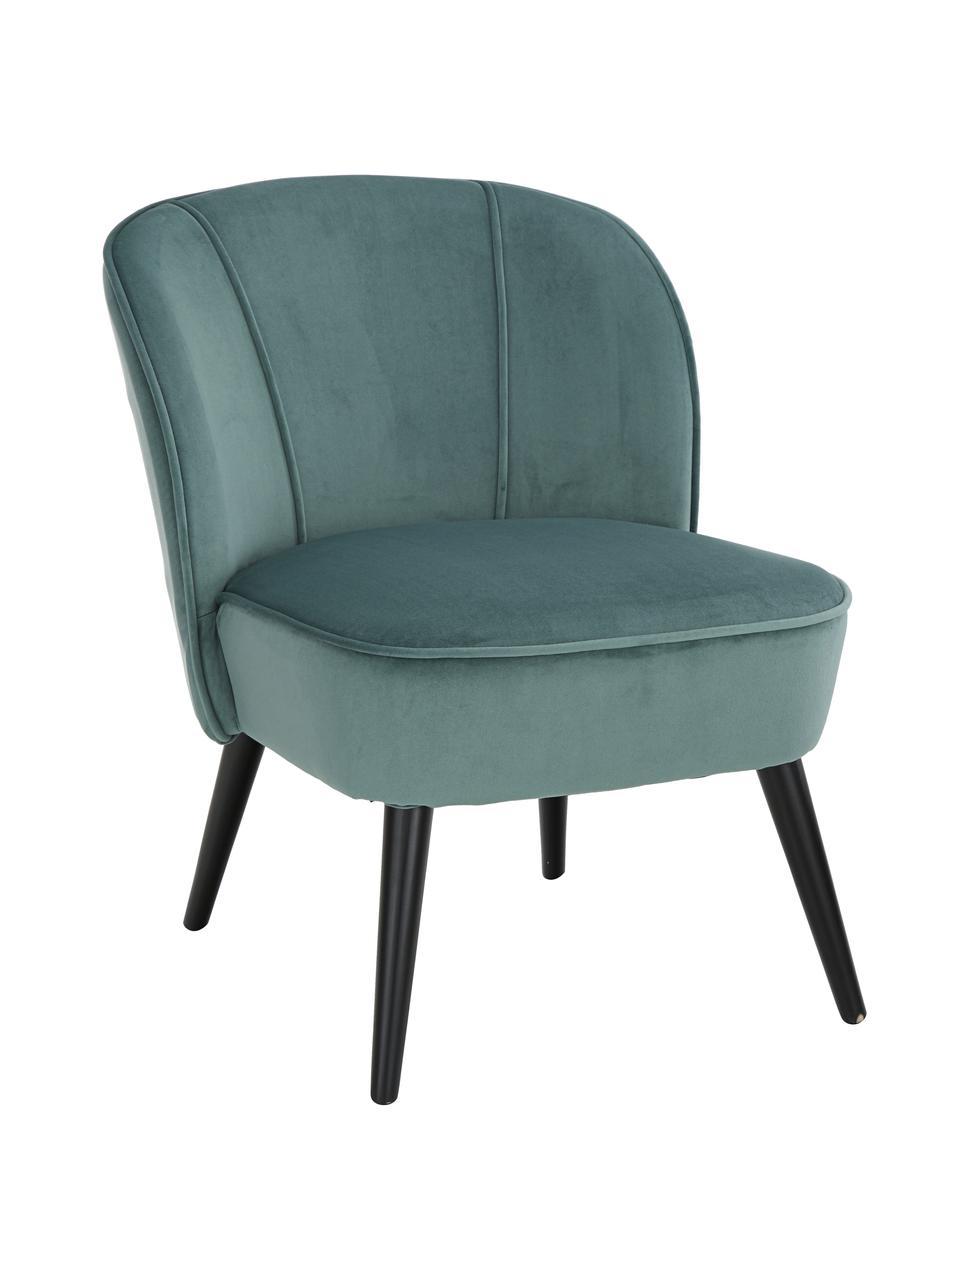 Poltrona in velluto blu verde Lucky, Rivestimento: velluto (poliestere) 30.0, Piedini: legno di caucciù vernicia, Velluto blu verde, Larg. 59 x Prof. 68 cm